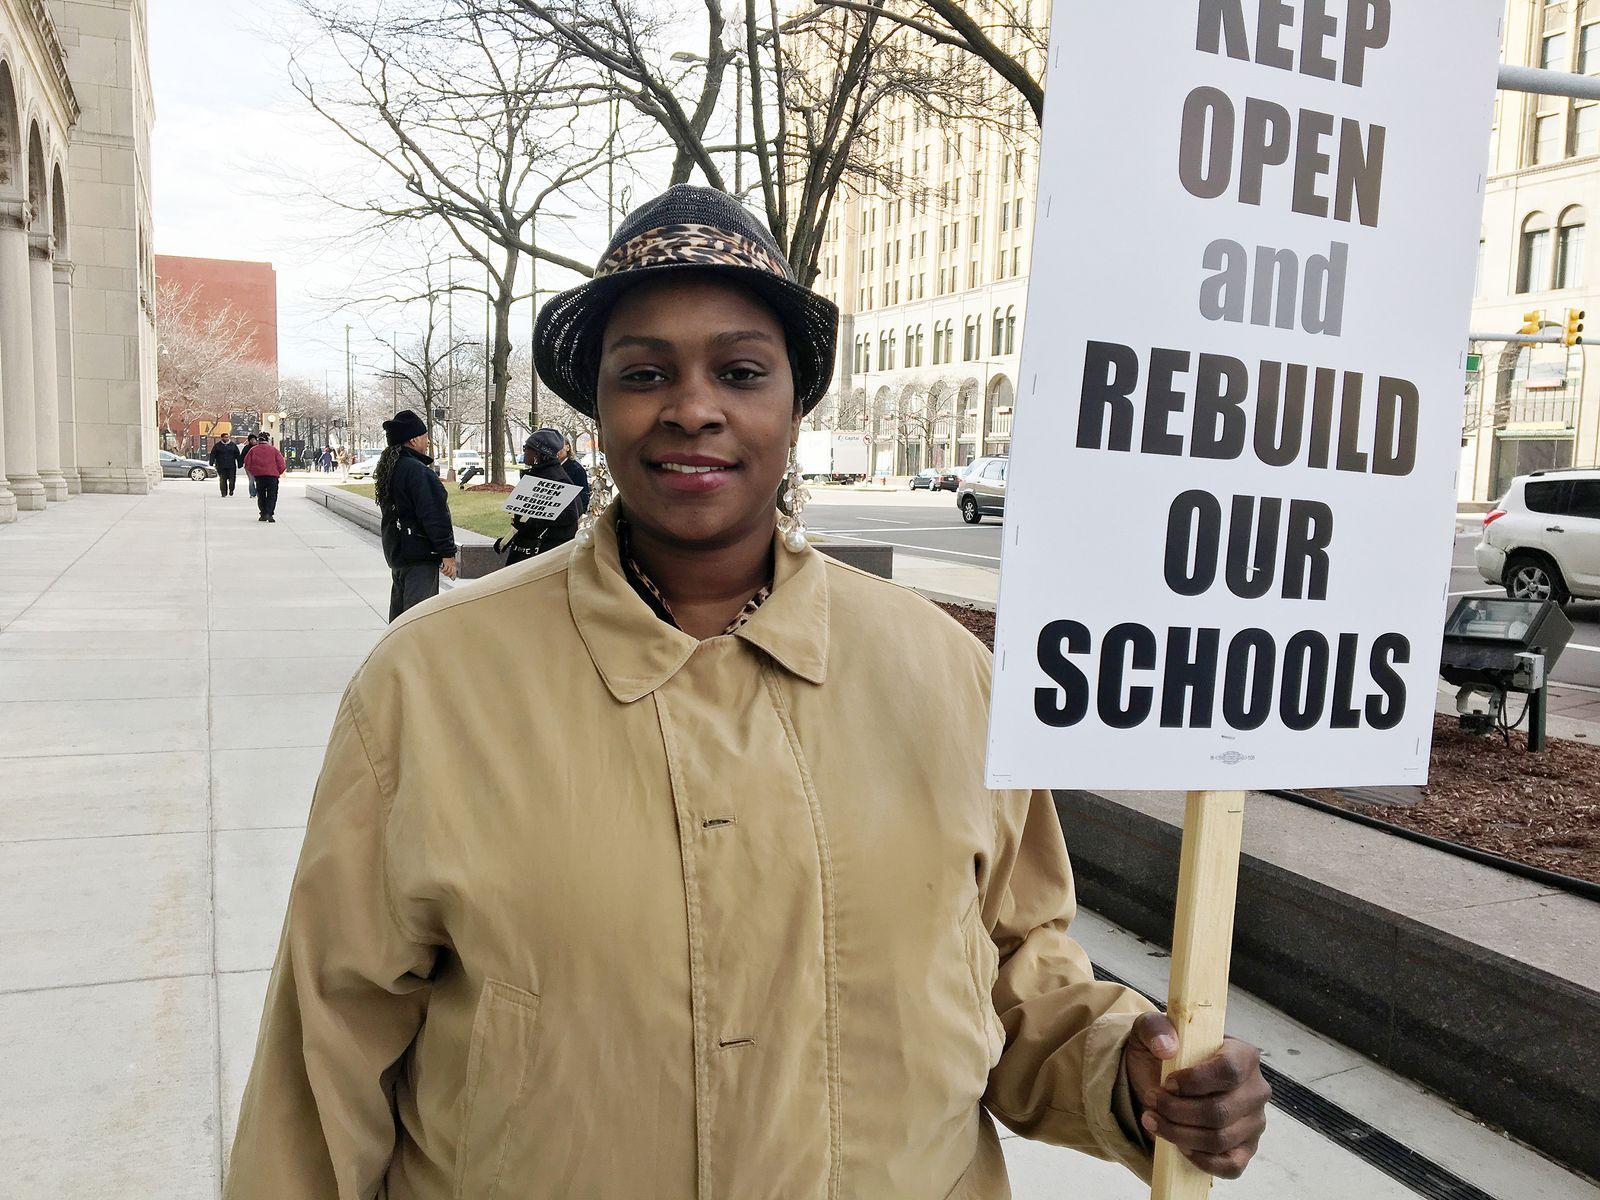 Detroit/ Öffentliche Schulen/ US-Bildungssystem